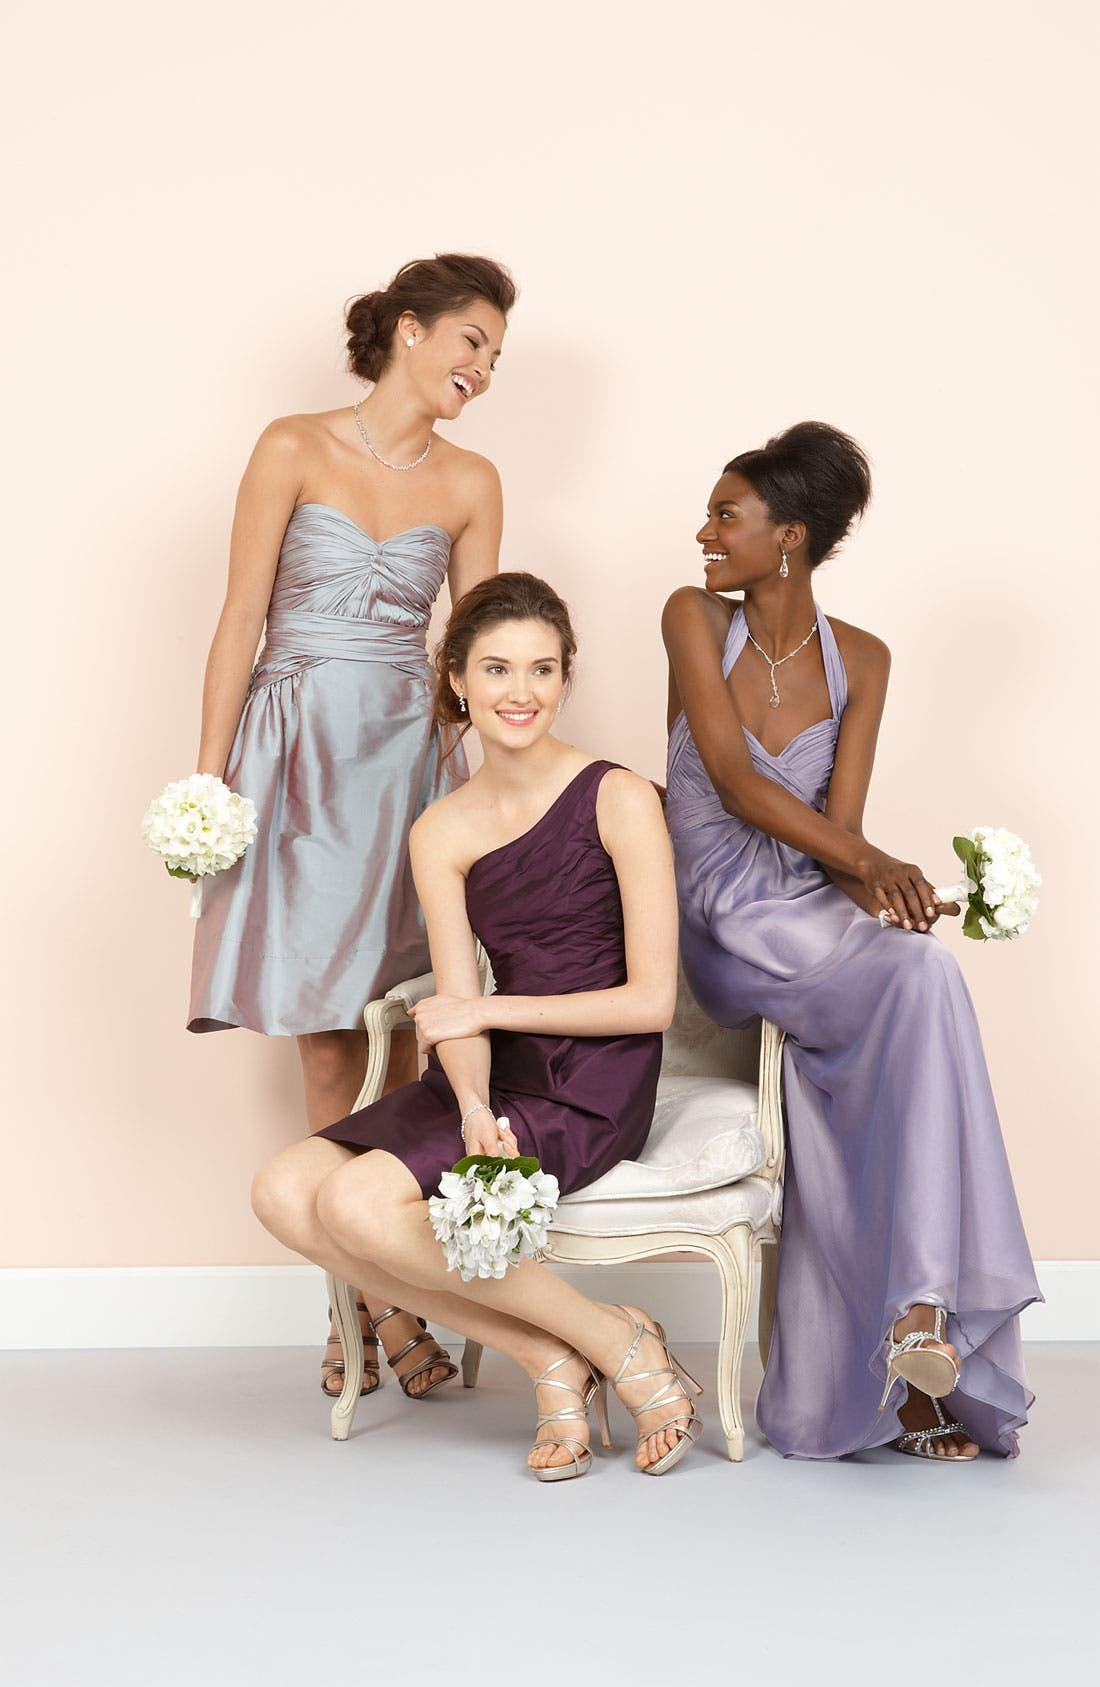 MONIQUE LHUILLIER BRIDESMAIDS,                             ML Monique Lhuillier Bridesmaids Strapless Taffeta Dress,                             Alternate thumbnail 3, color,                             953